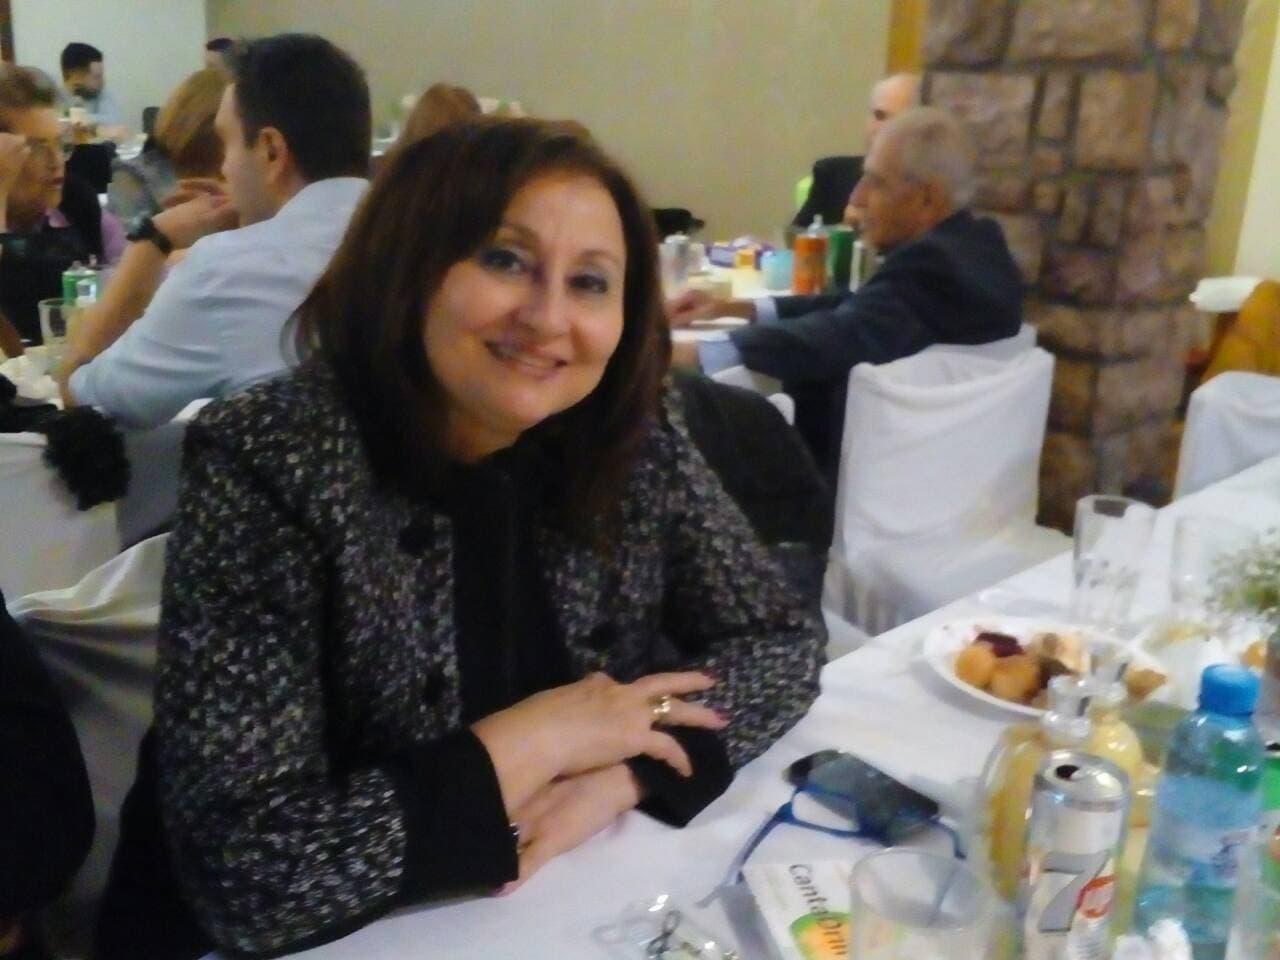 Η δημοσιογράφος Παναγιώτα Σύζινου, διορίστηκε Πιστοποιούσα Υπάλληλος για την ενορία Χρυσοπολίτισσας στη Λάρνακα